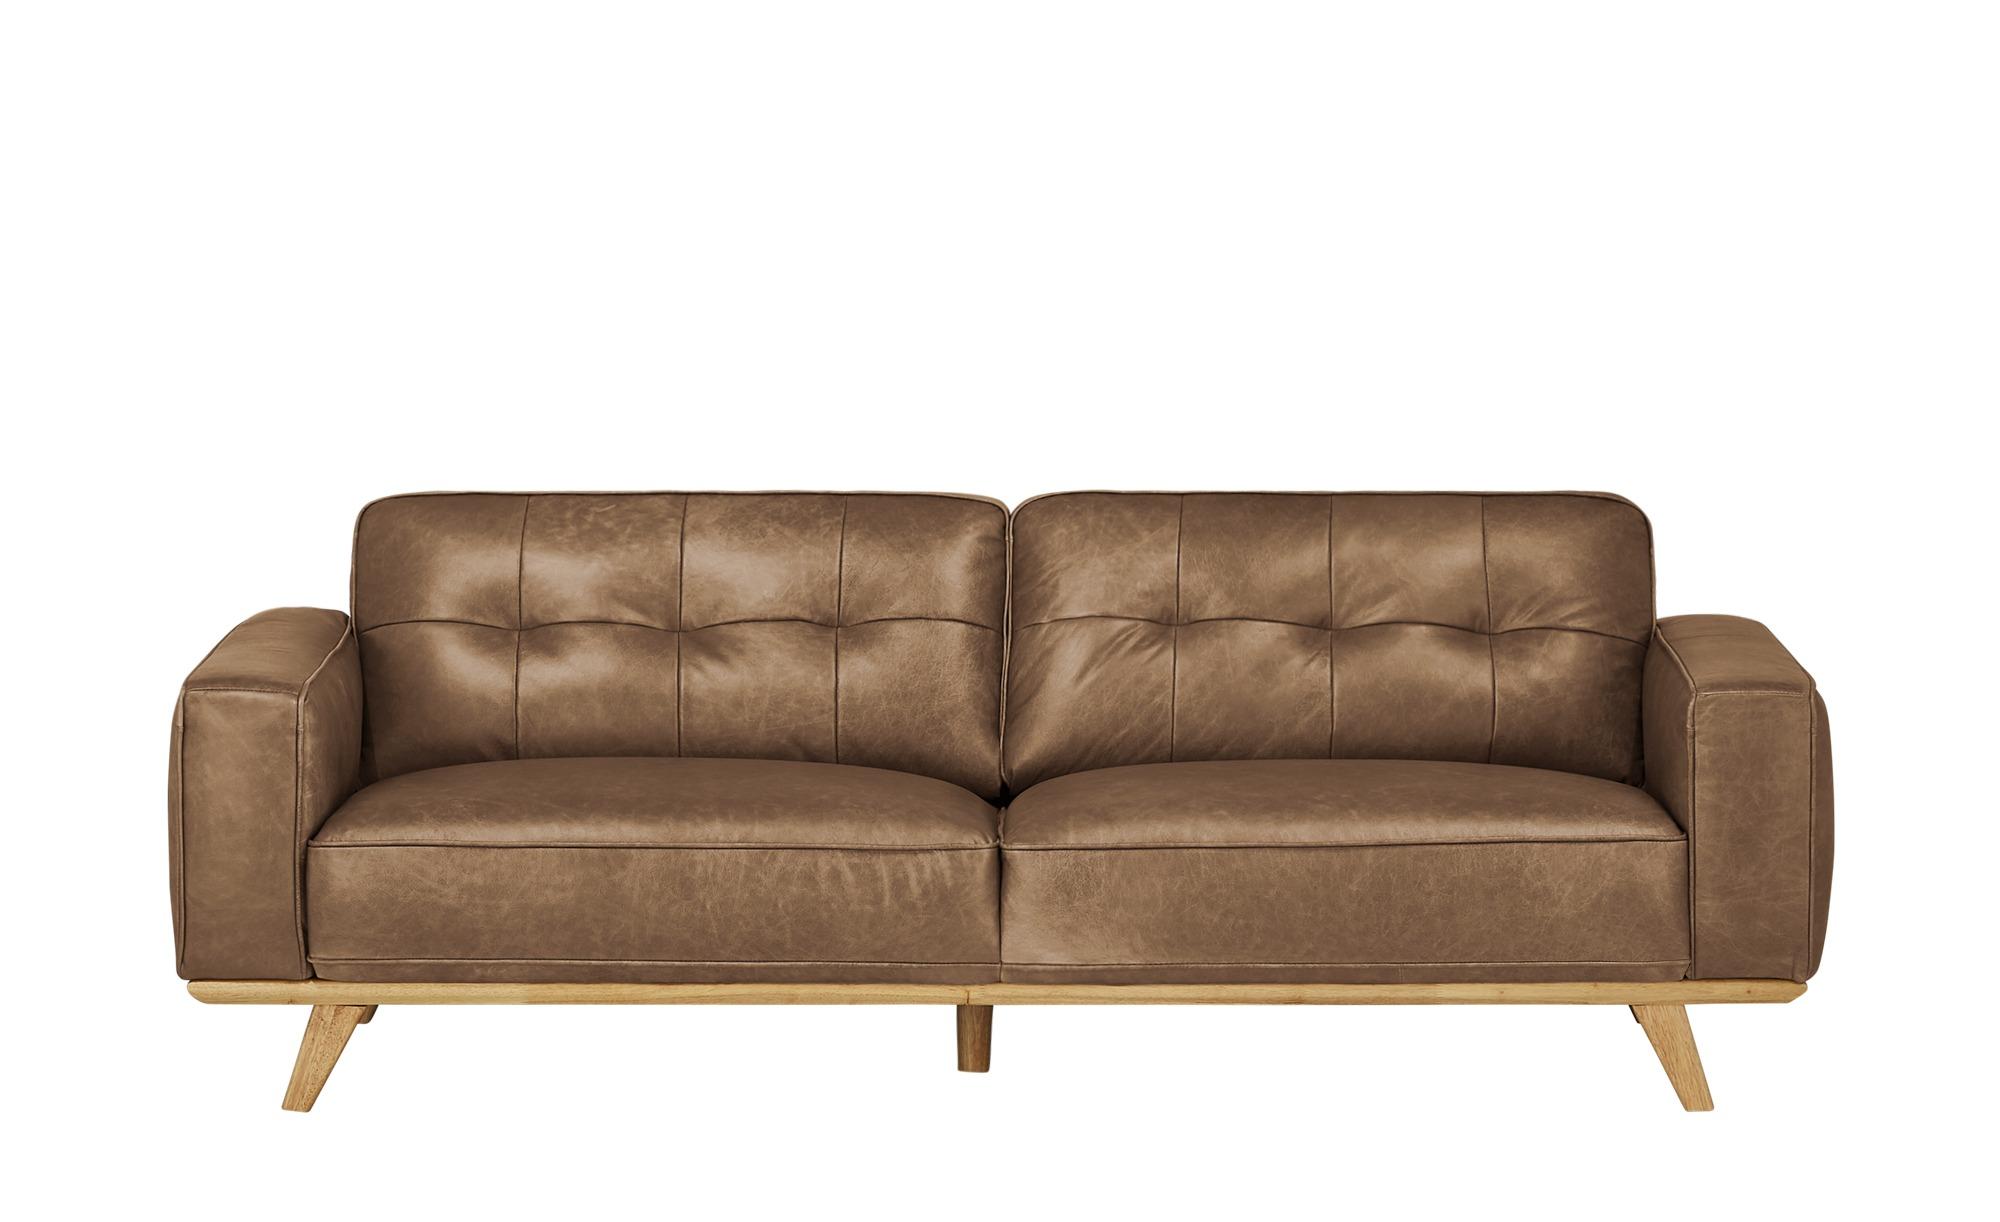 Full Size of Couch Ratenzahlung Mit Schufa Ohne Sofa Auf Raten Kaufen Trotz Bestellen Ratenkauf Led 2 Sitzer Relaxfunktion Holzfüßen L Schlaffunktion Betten Aufbewahrung Wohnzimmer Couch Ratenzahlung Mit Schufa